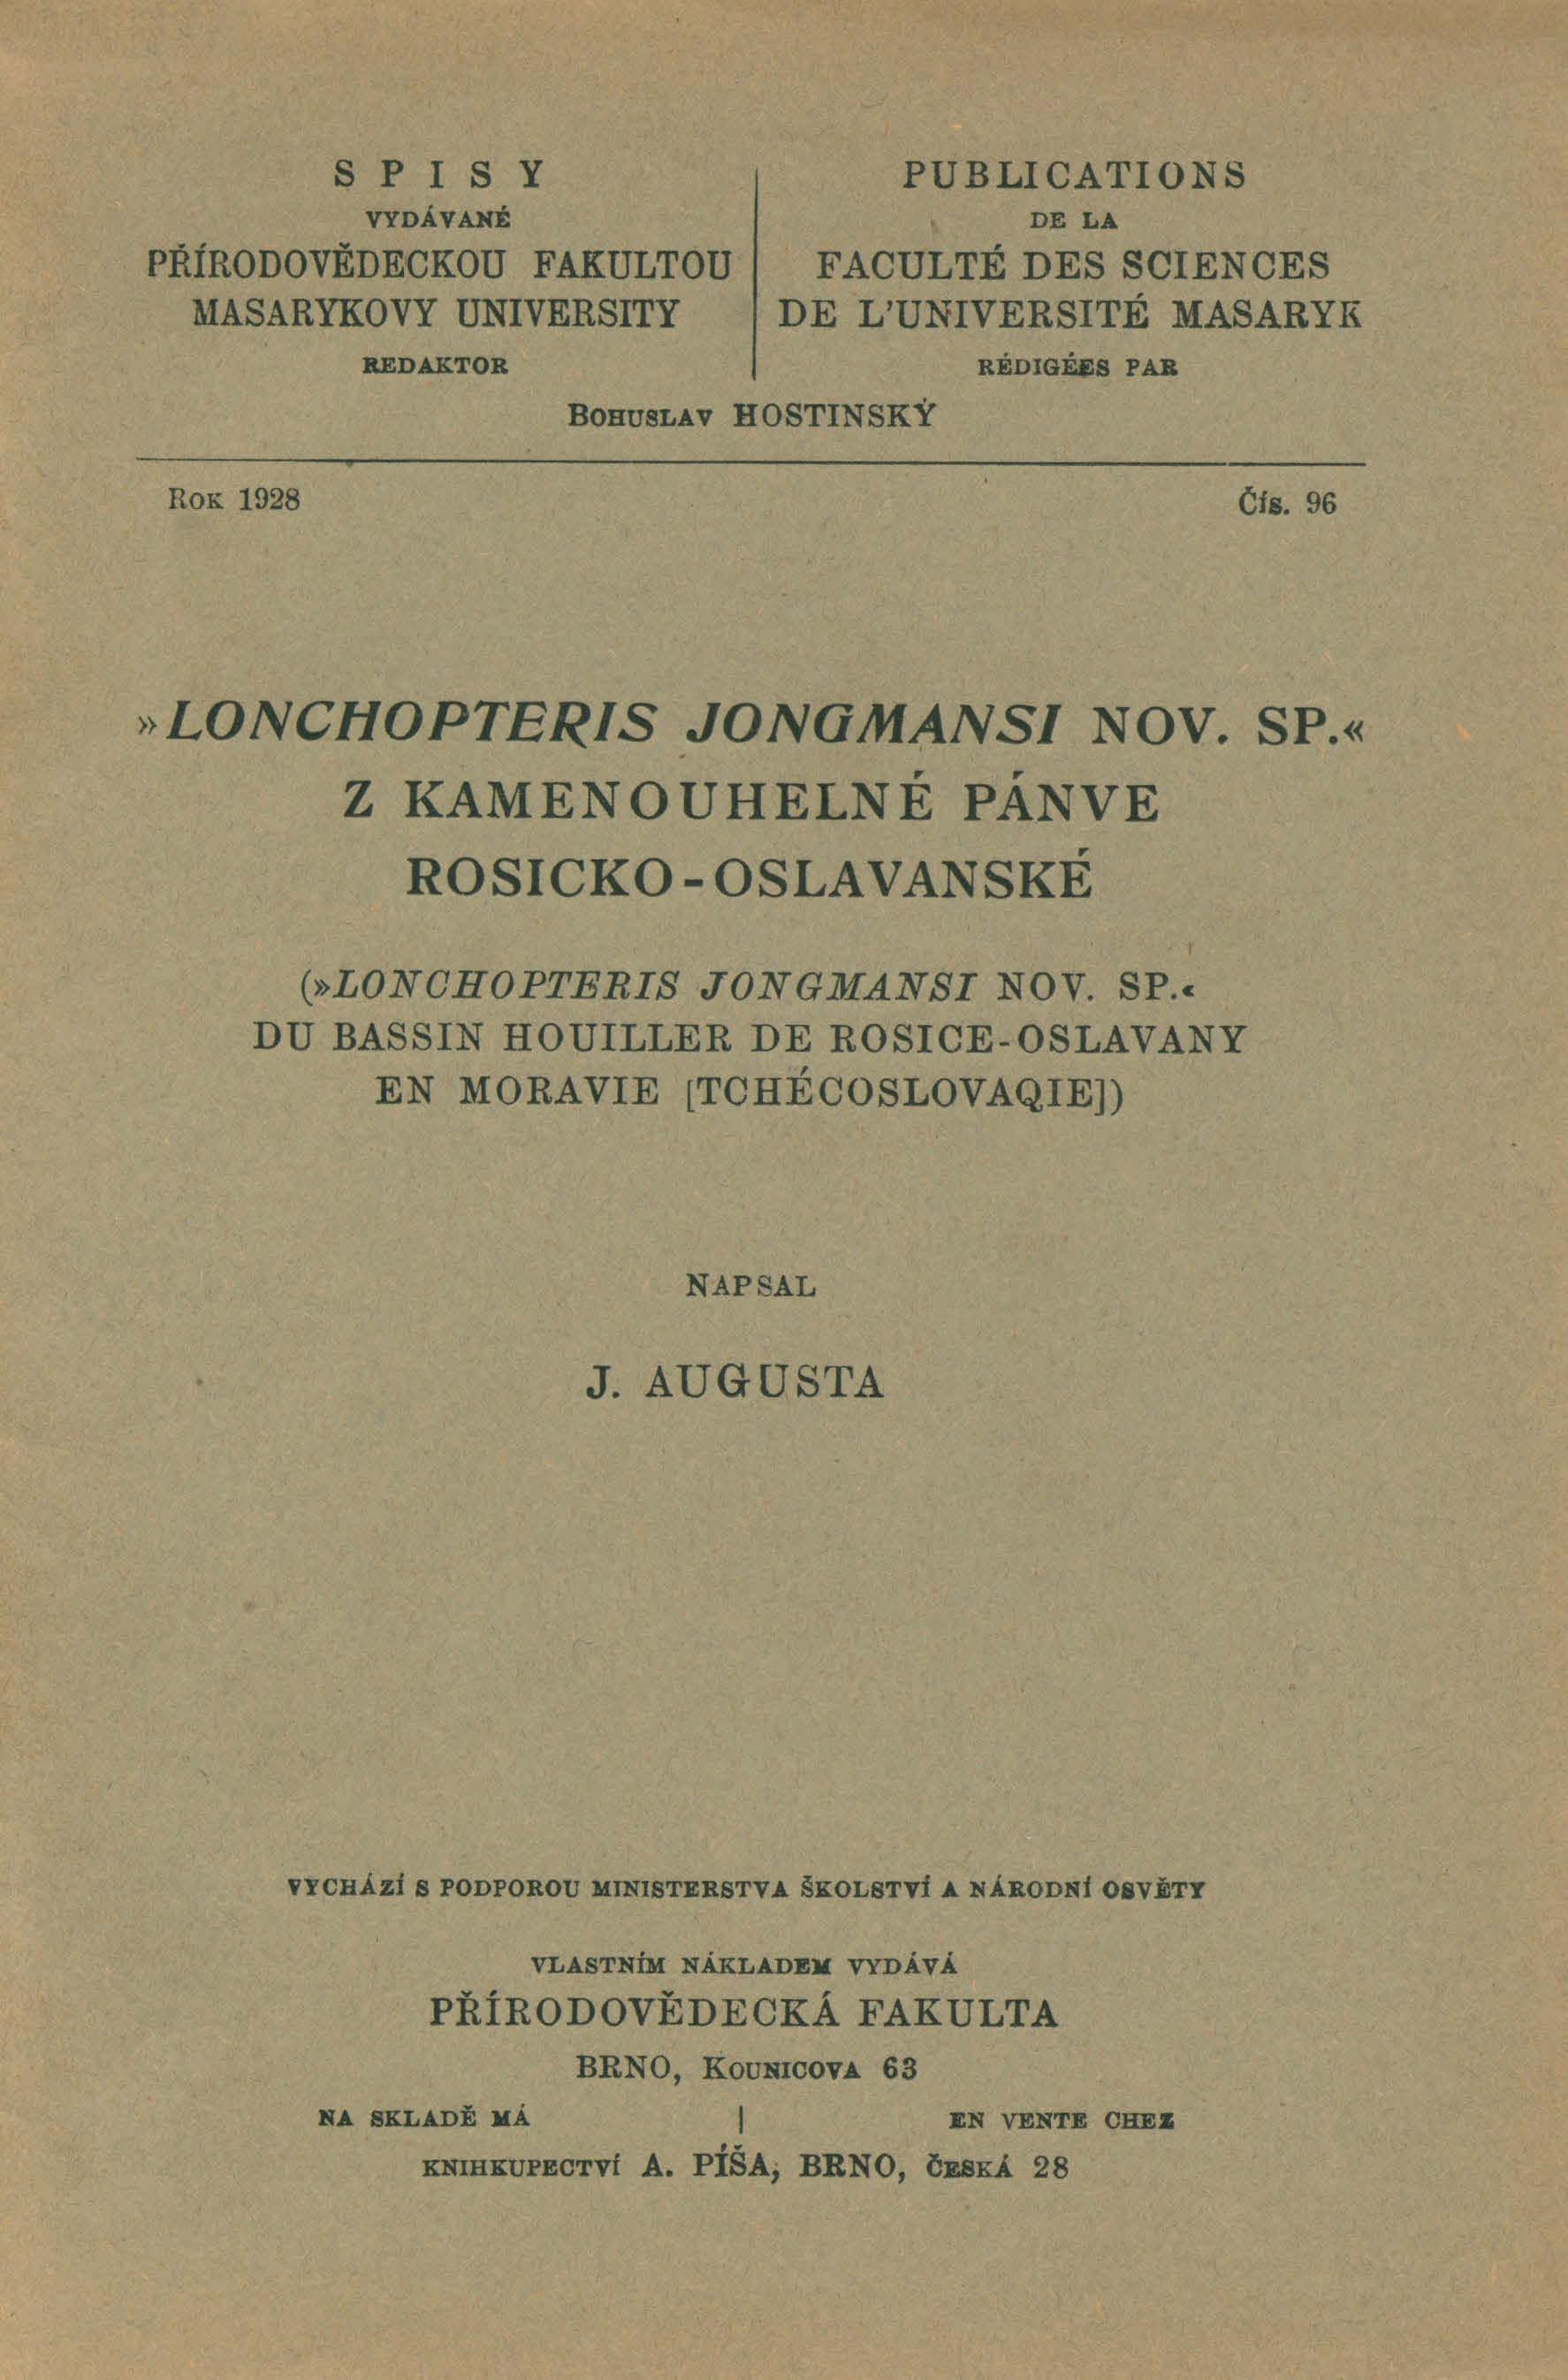 Obálka pro Lonchopteris Jongmansi nov. sp. z kamenouhelné pánve rosicko-oslavanské